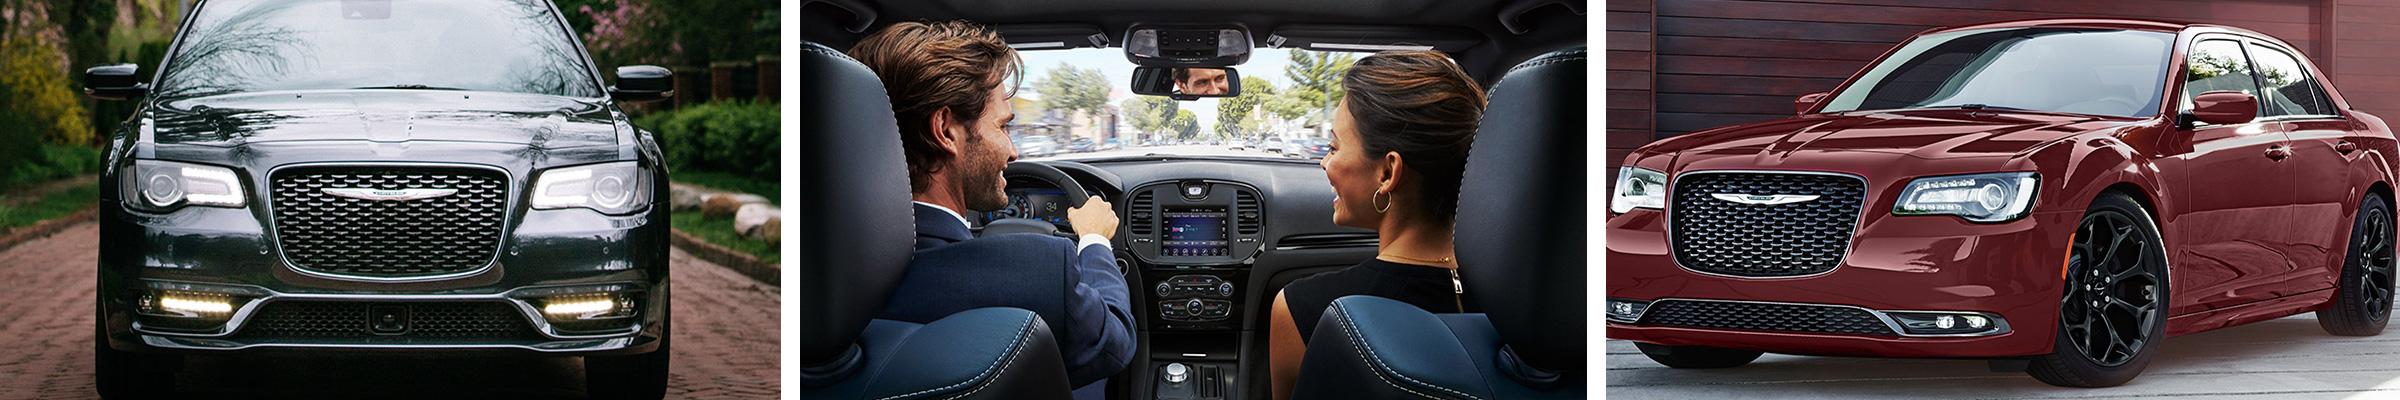 2020 Chrysler 300 For Sale Delray Beach FL | Boca Raton